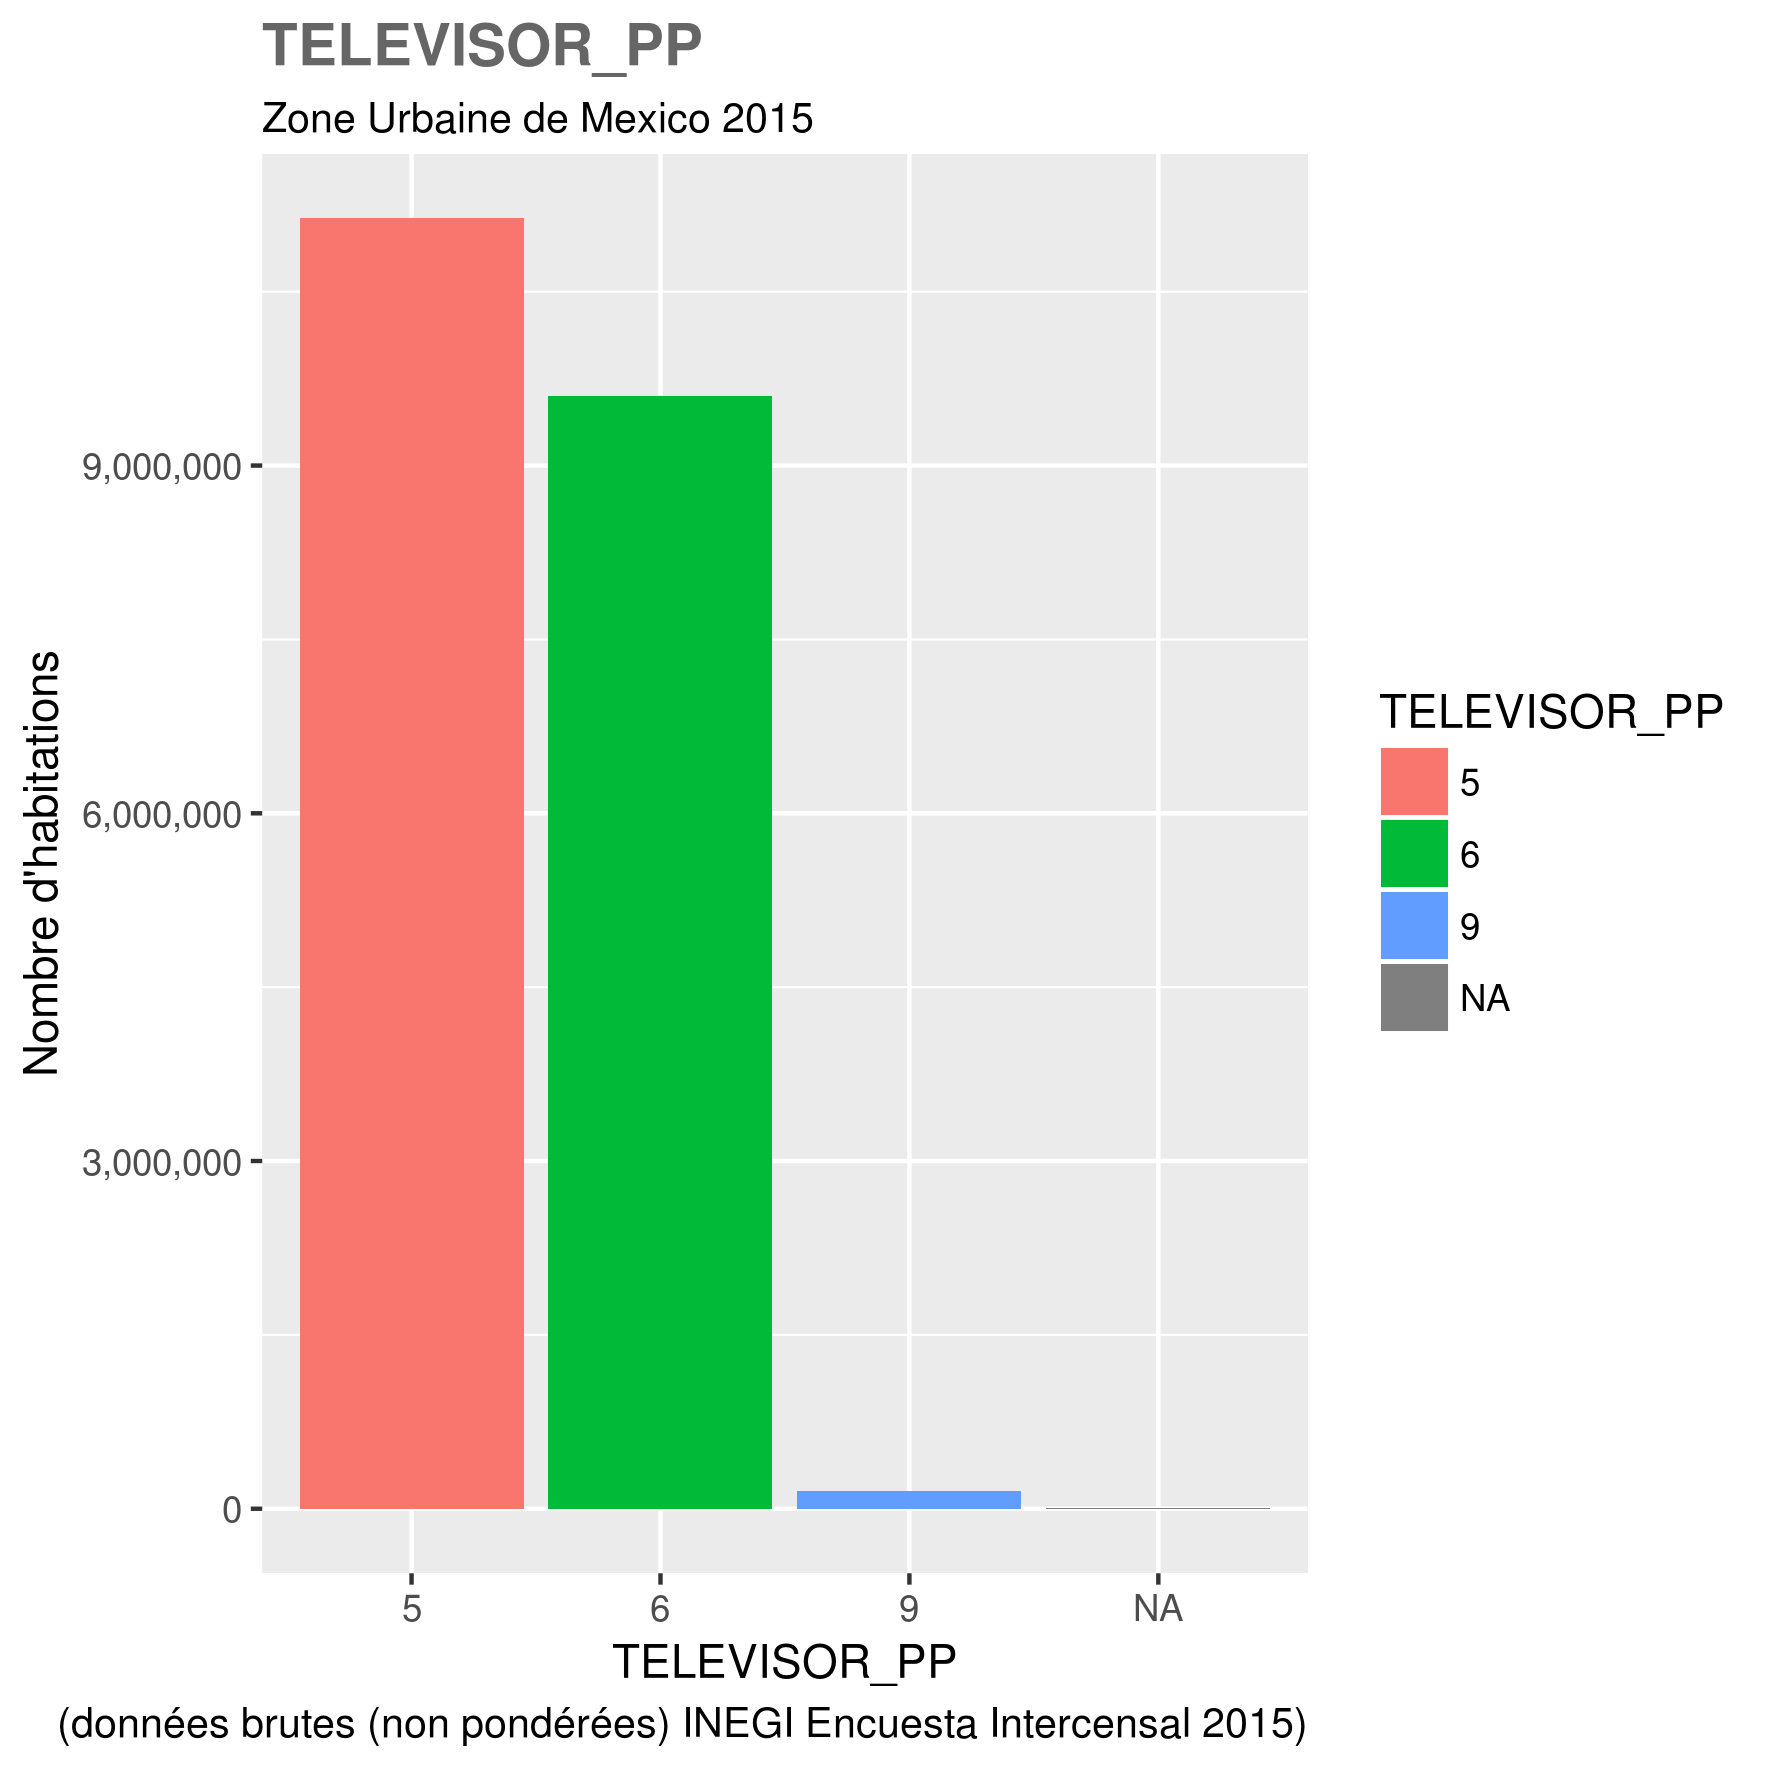 docs/images/ZUM_toutes_variables/2015_ZUM_TELEVISOR_PP.png